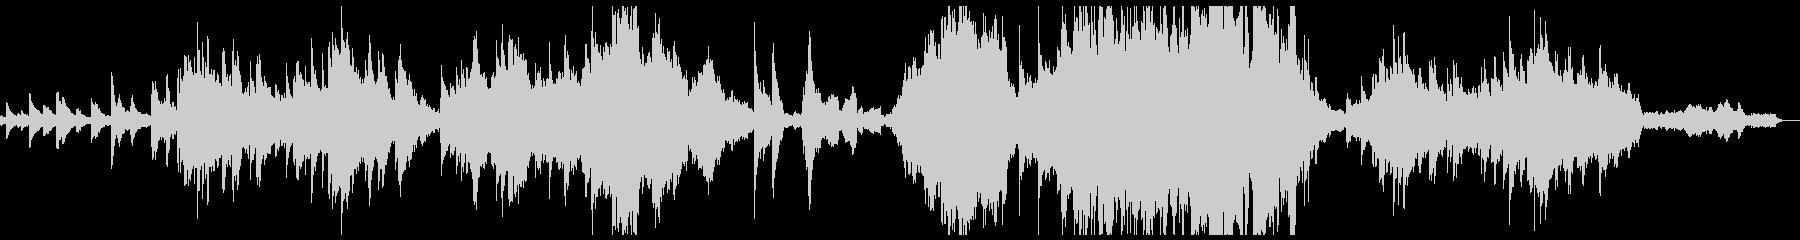 ピアノメインの感動的なシンフォニアの未再生の波形